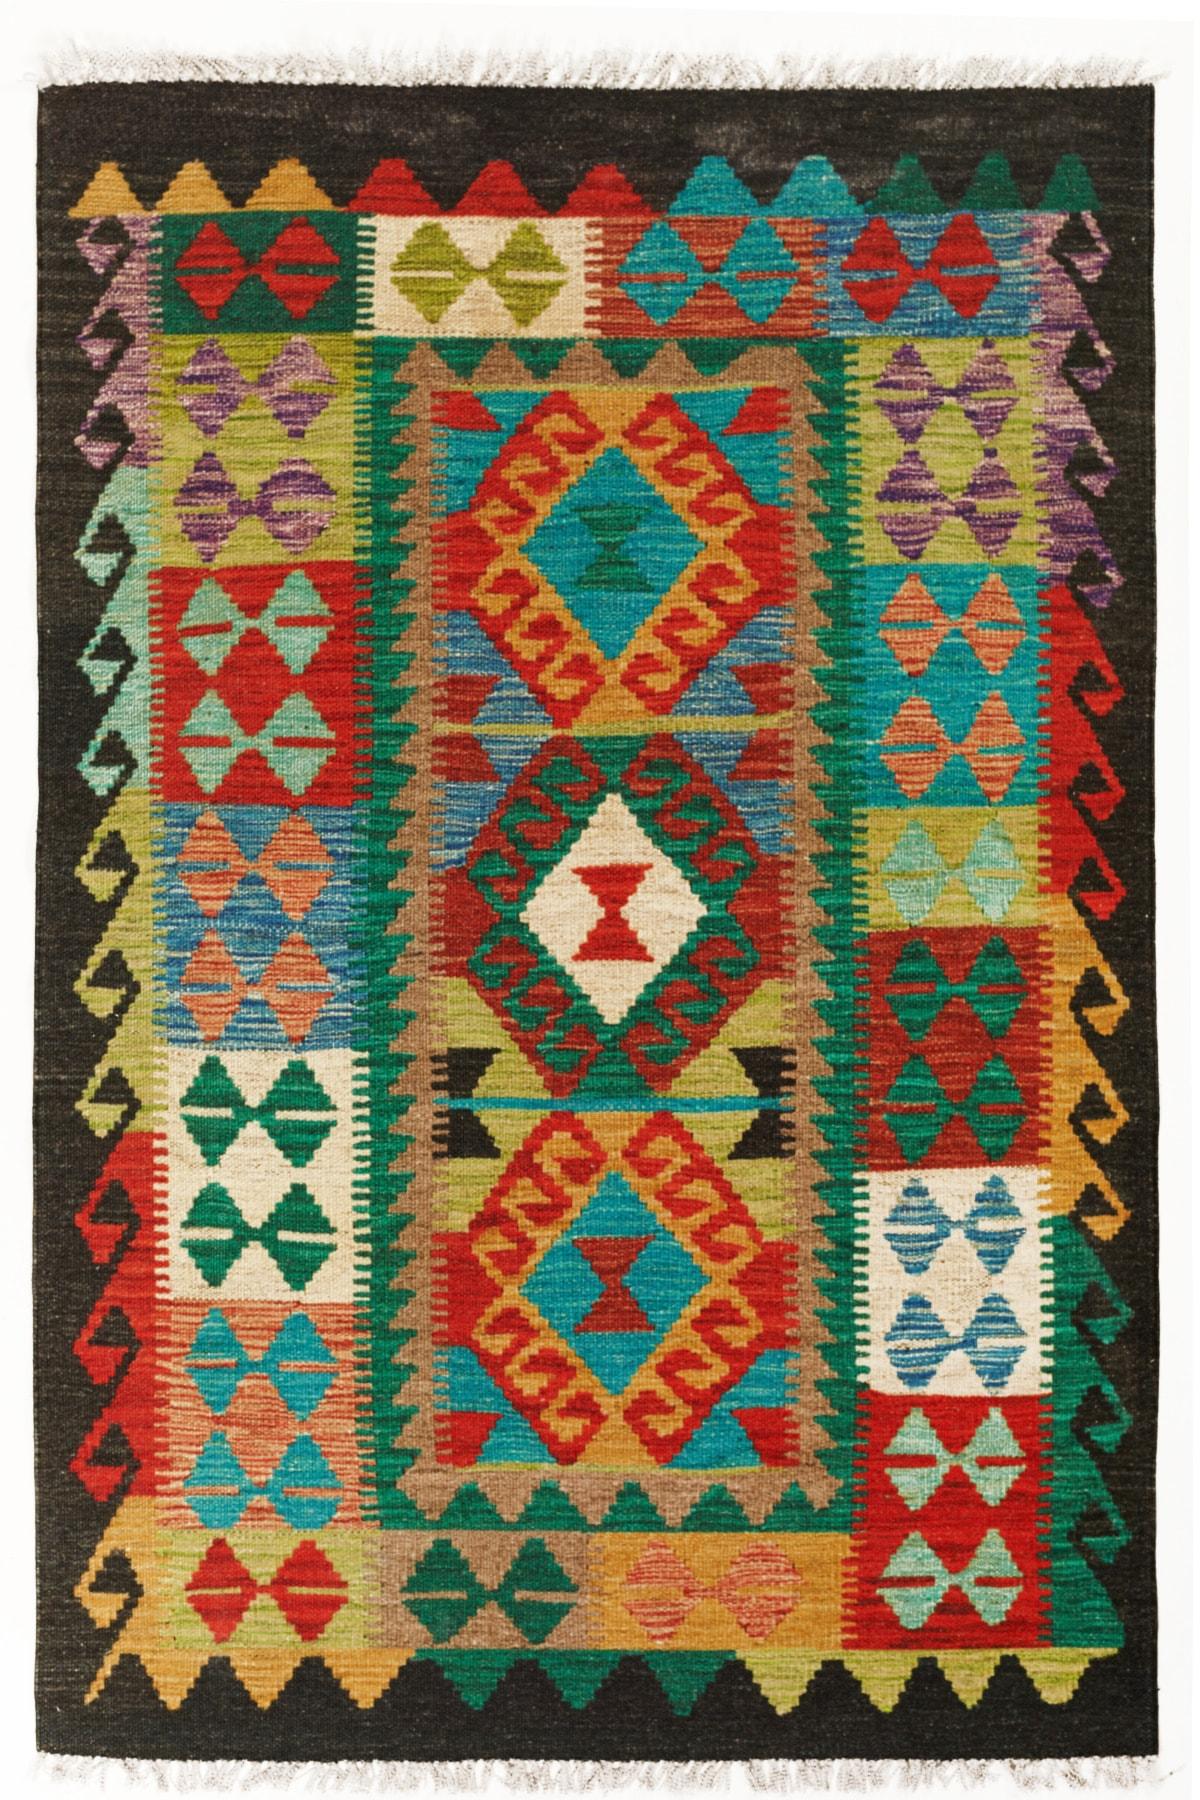 Cotton Pamuklu Çok Renkli Otantik Ve Etnik Desenli Kilim 502